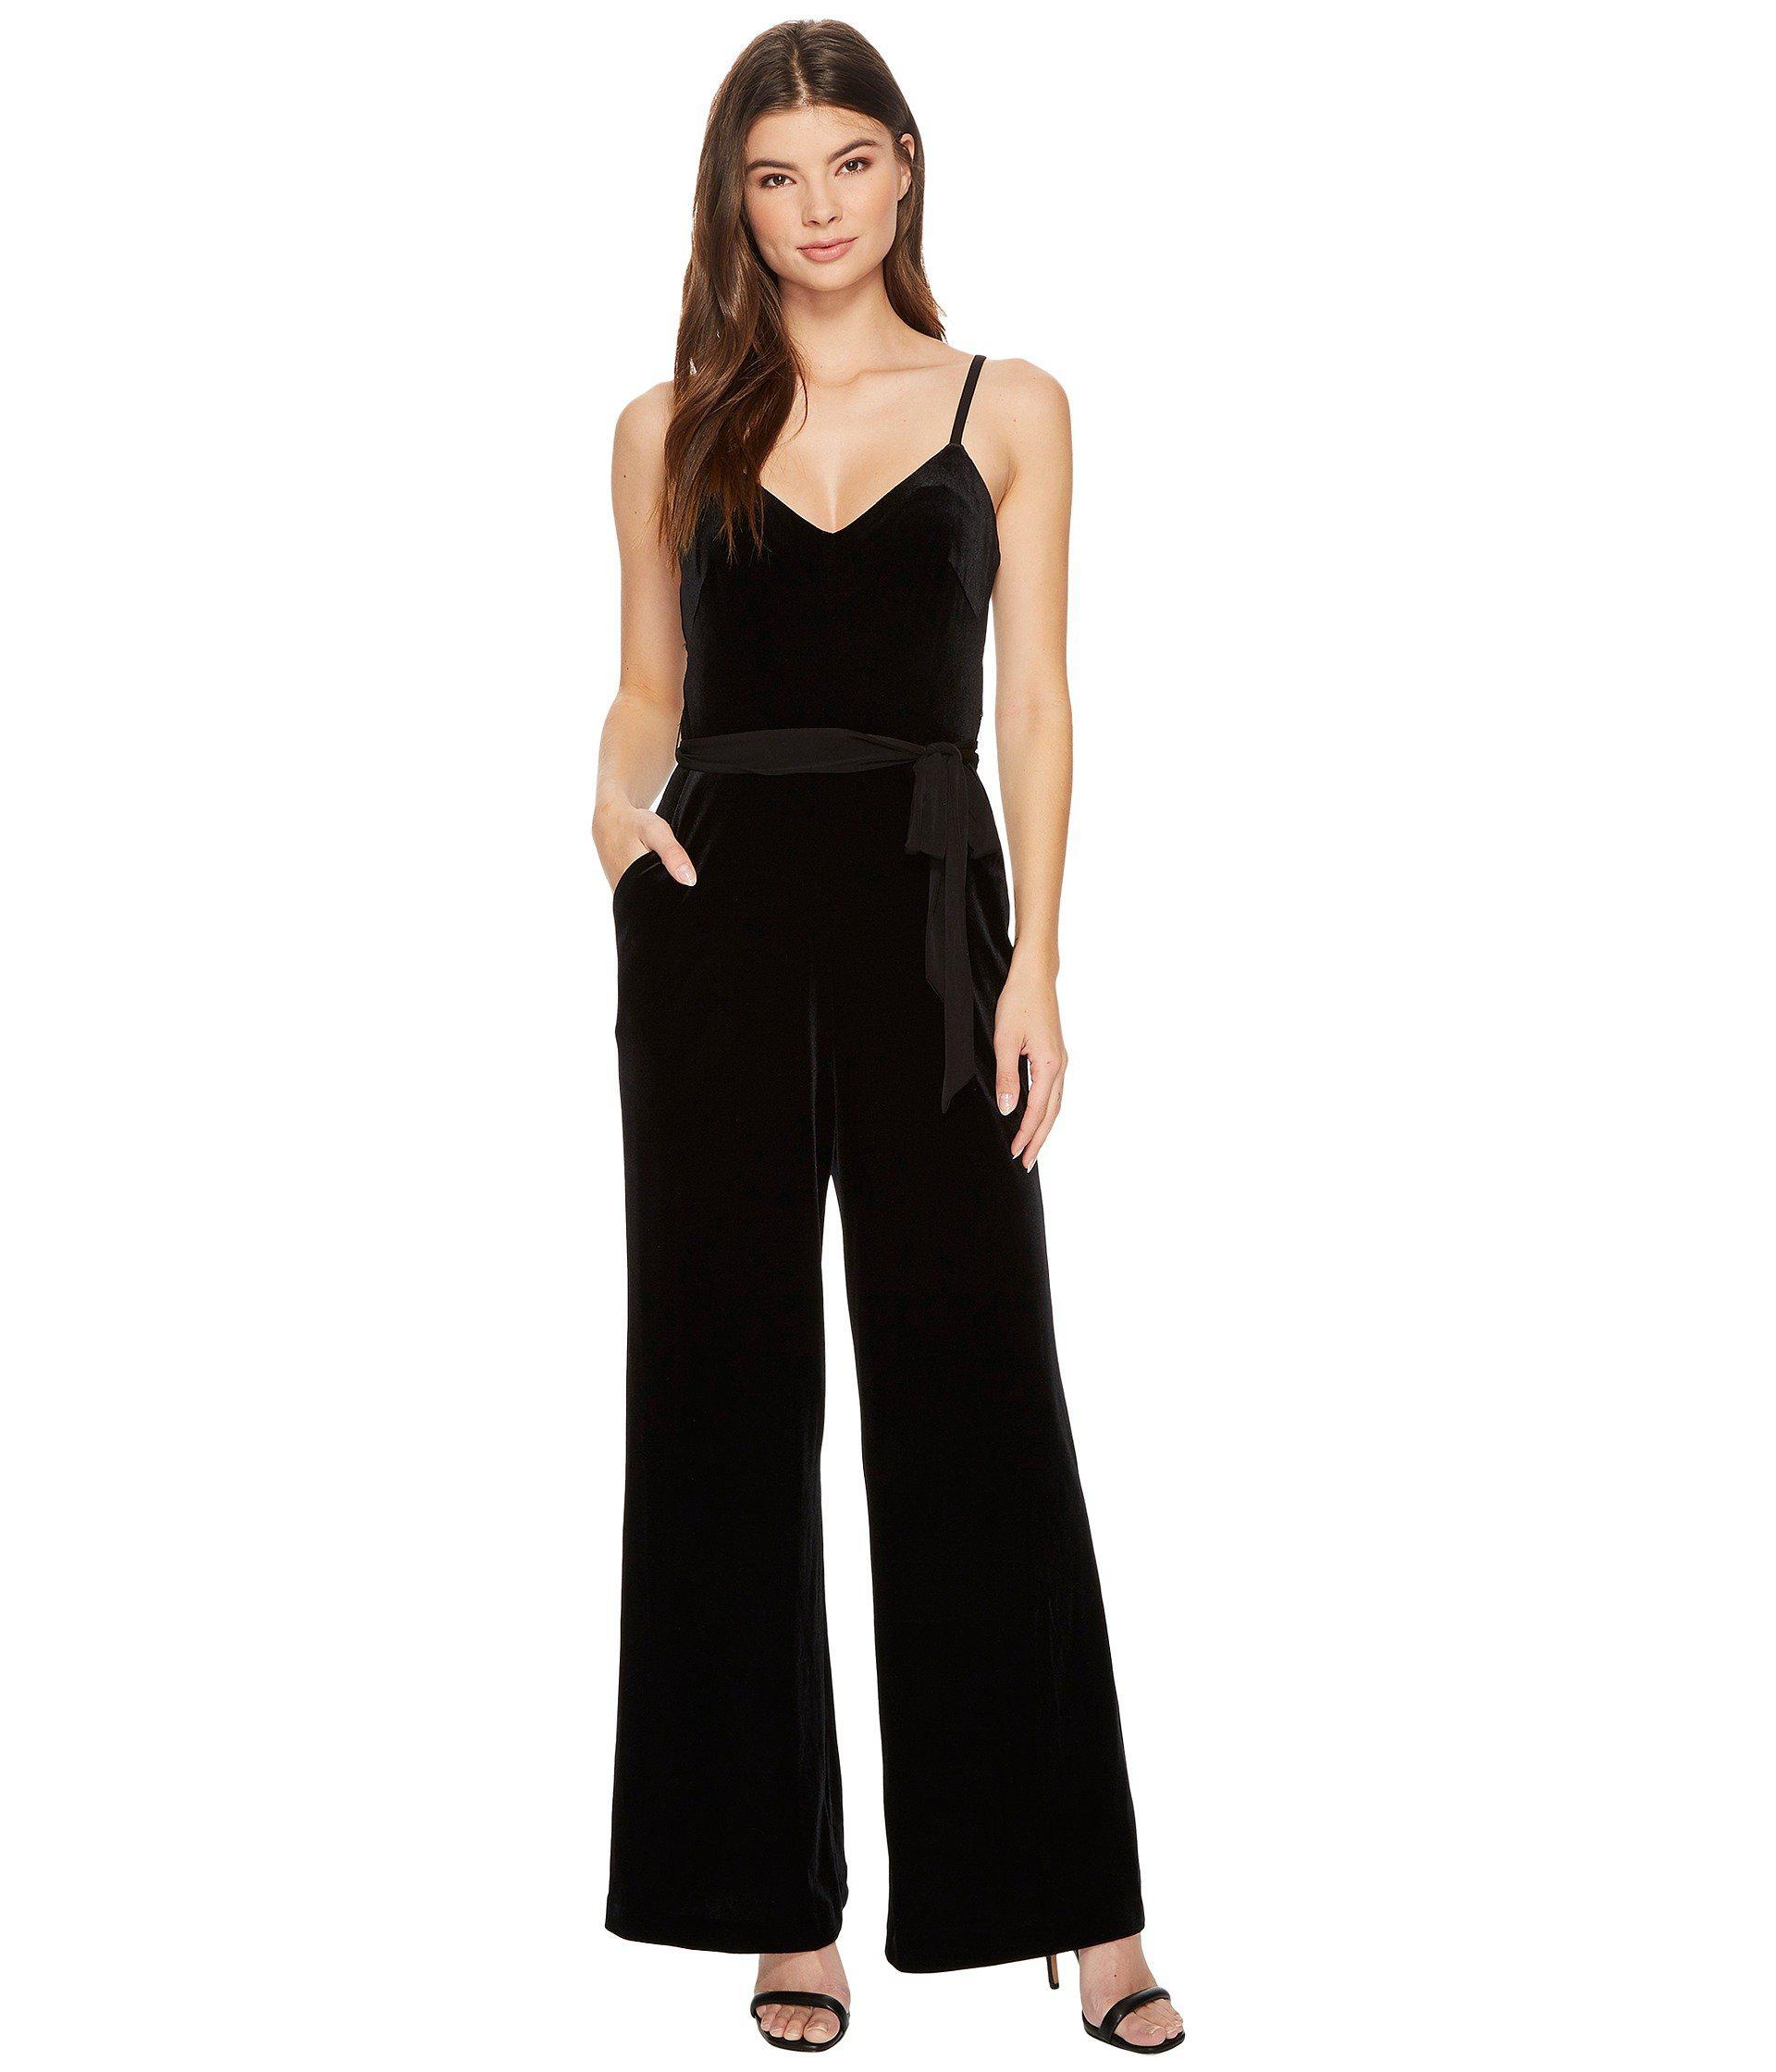 f29b4e36c07 Lyst - Calvin Klein Velvet Jumpsuit Cd7v19da in Black